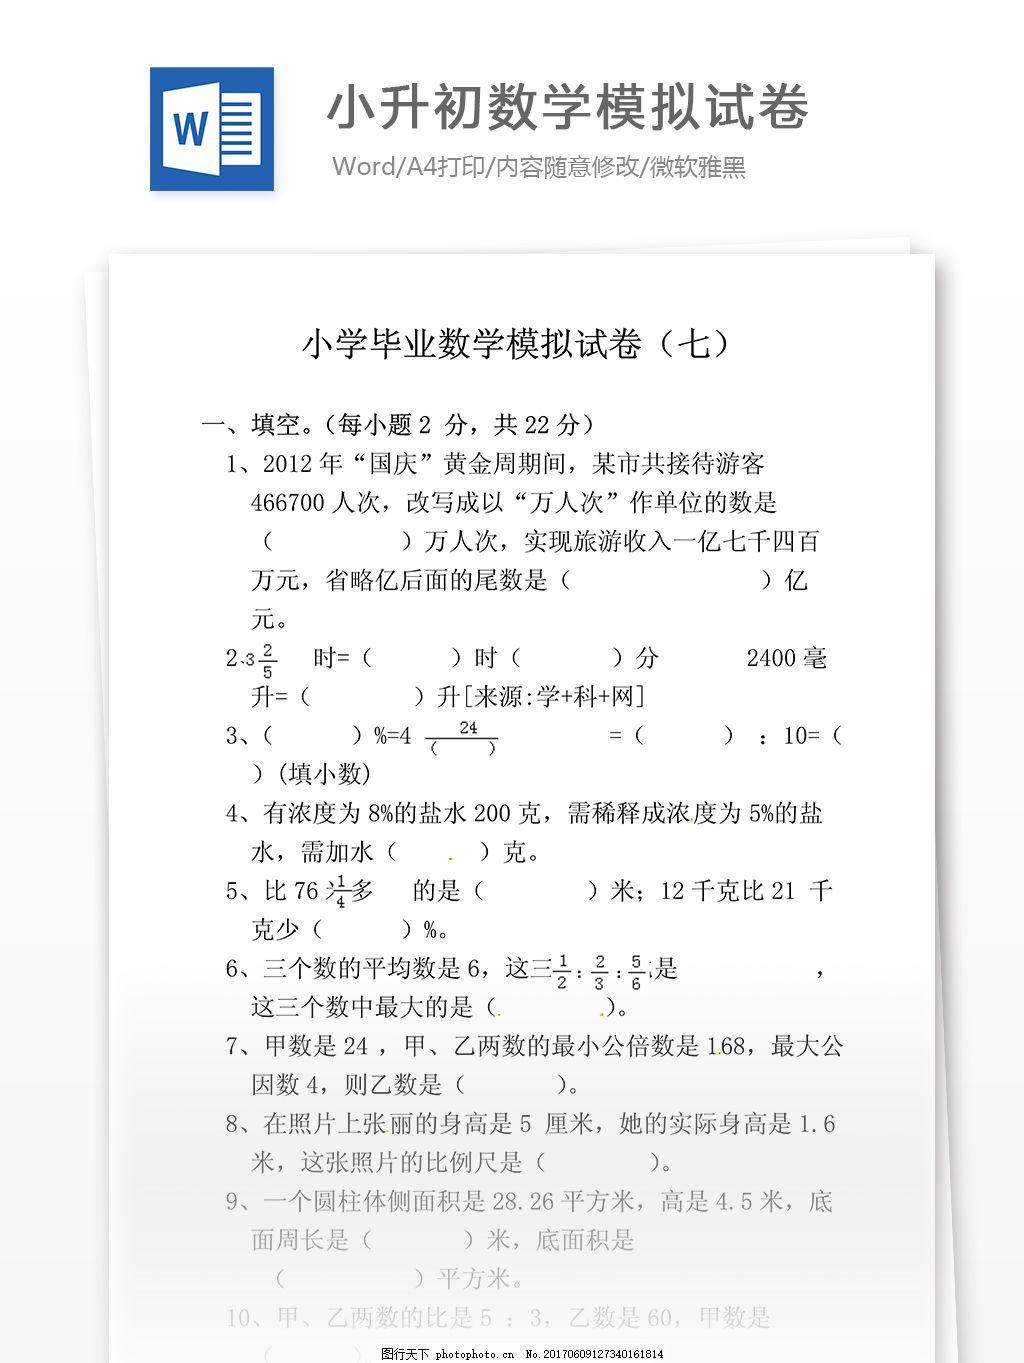 七年级数学小练习册_小升初数学模拟试卷加油站文档模板图片_教育文档_文库模板-图 ...